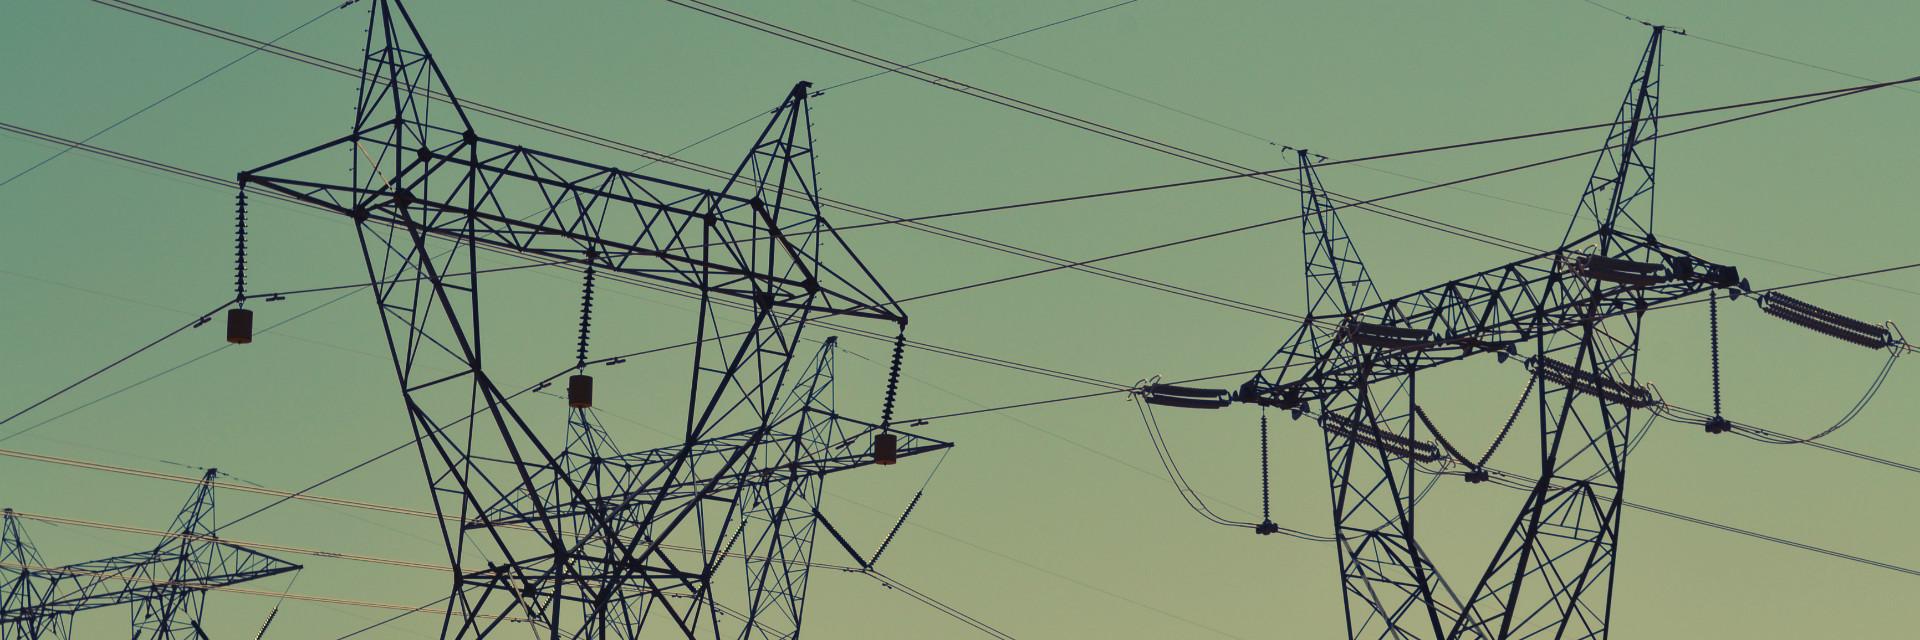 Wie werde ich Elektriker/-in | whatchado